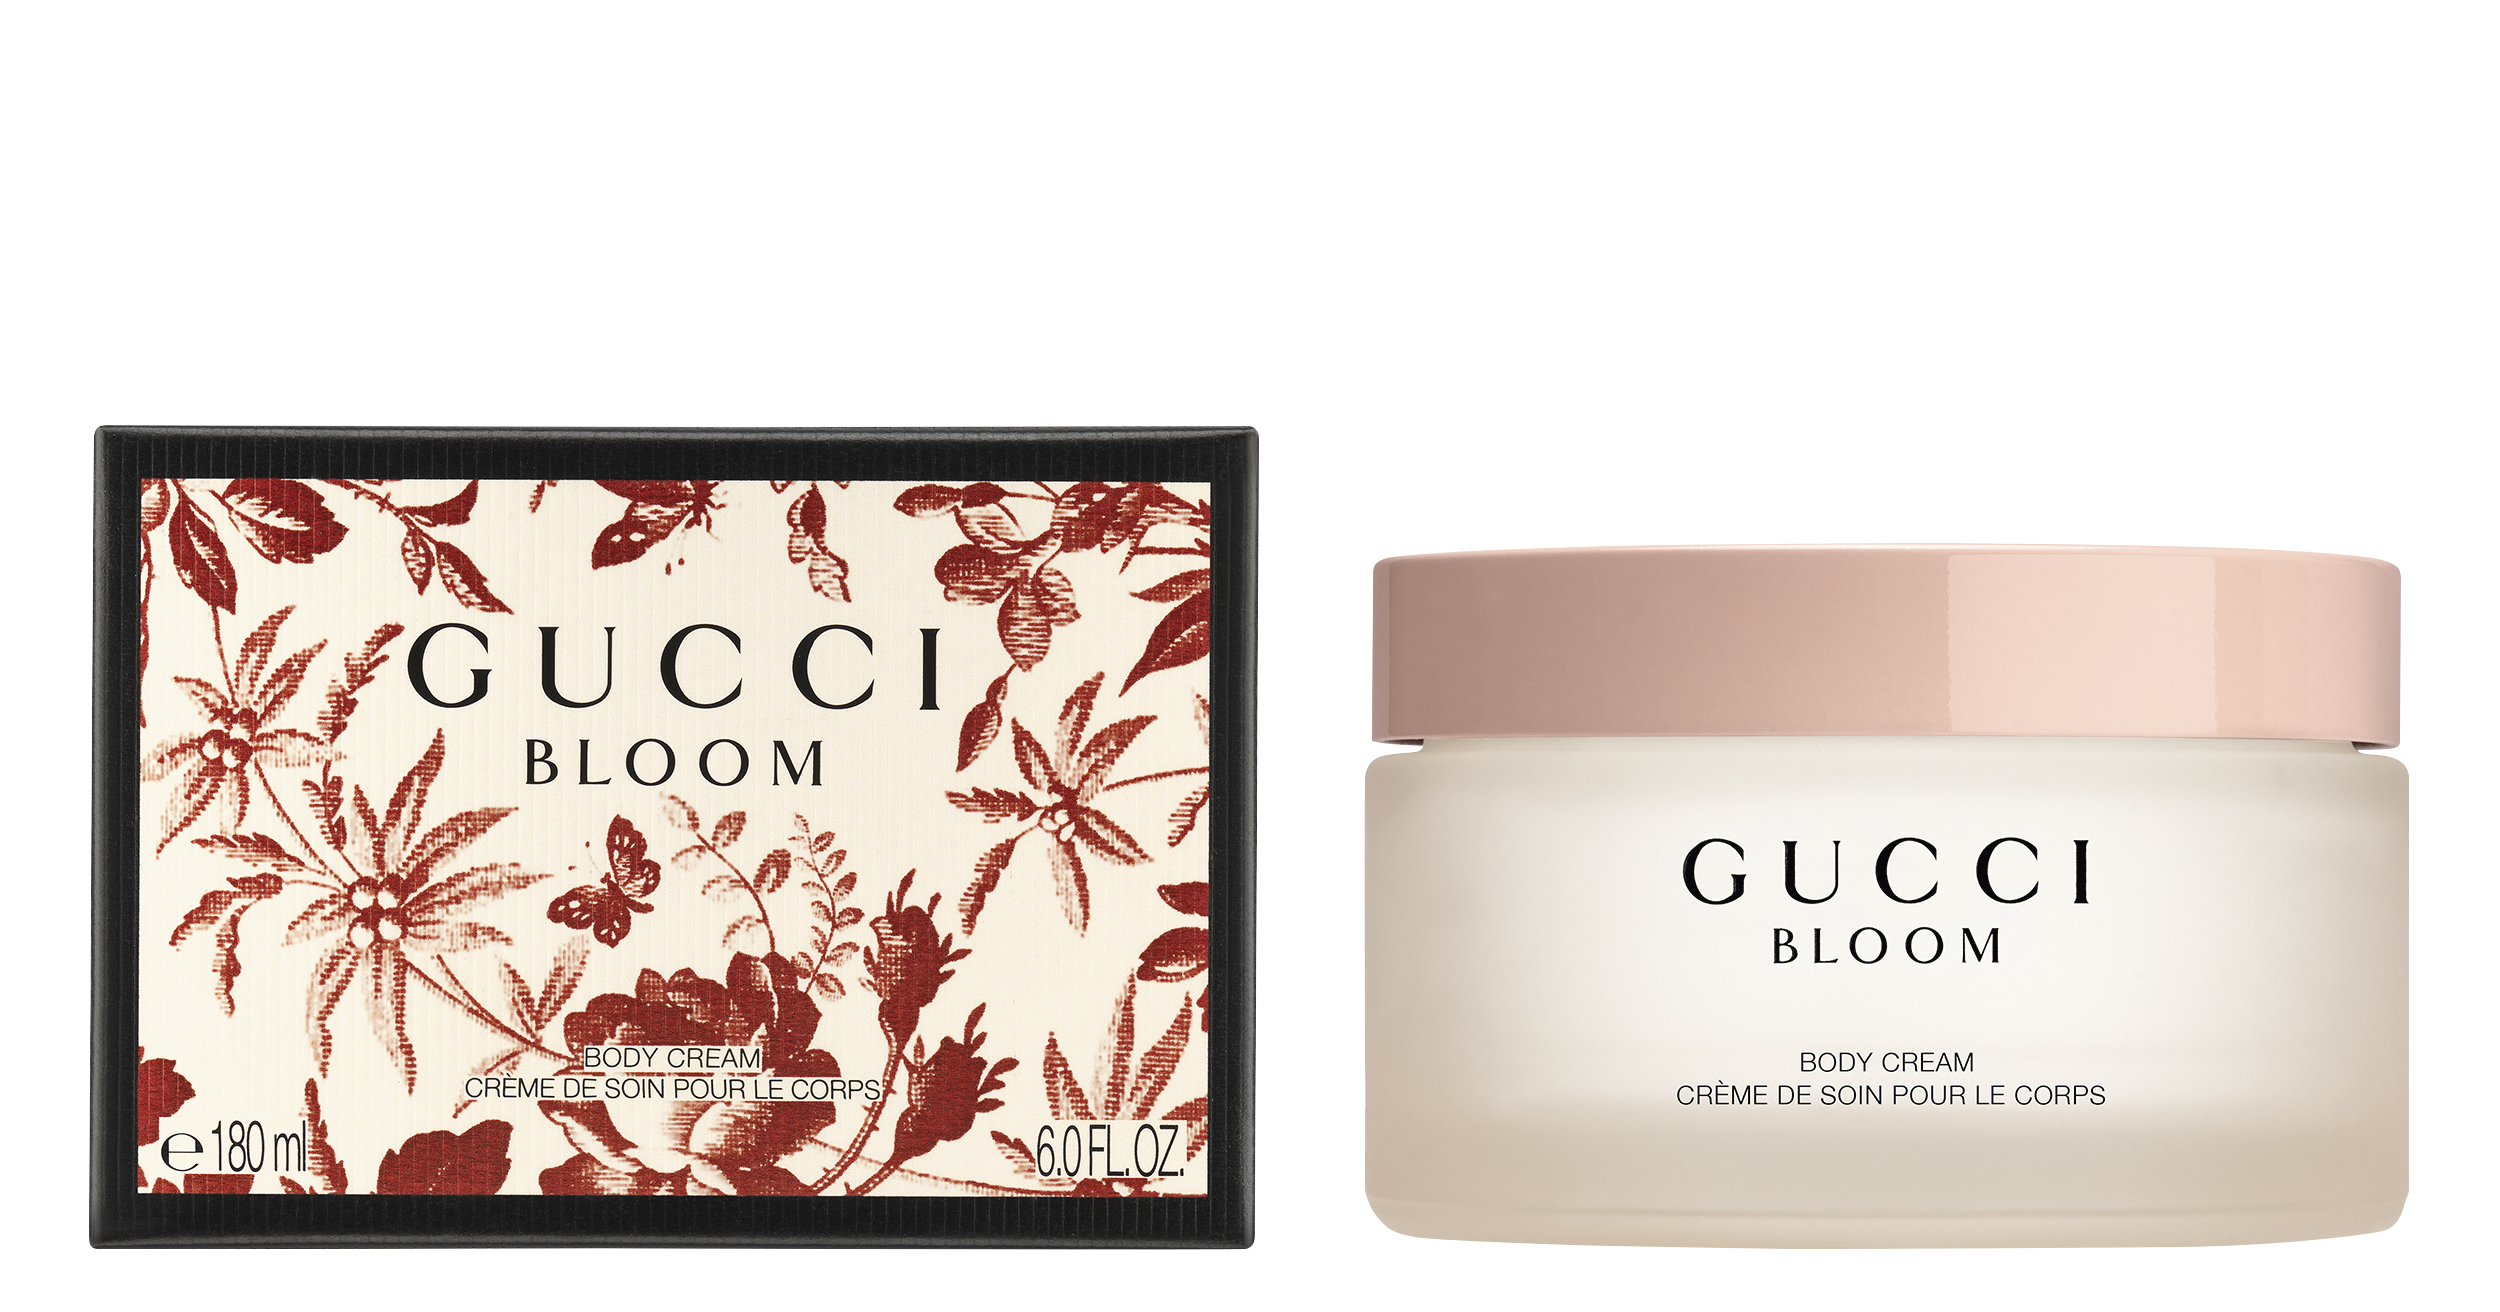 Gucci Bloom - Rituale Crema Corpo